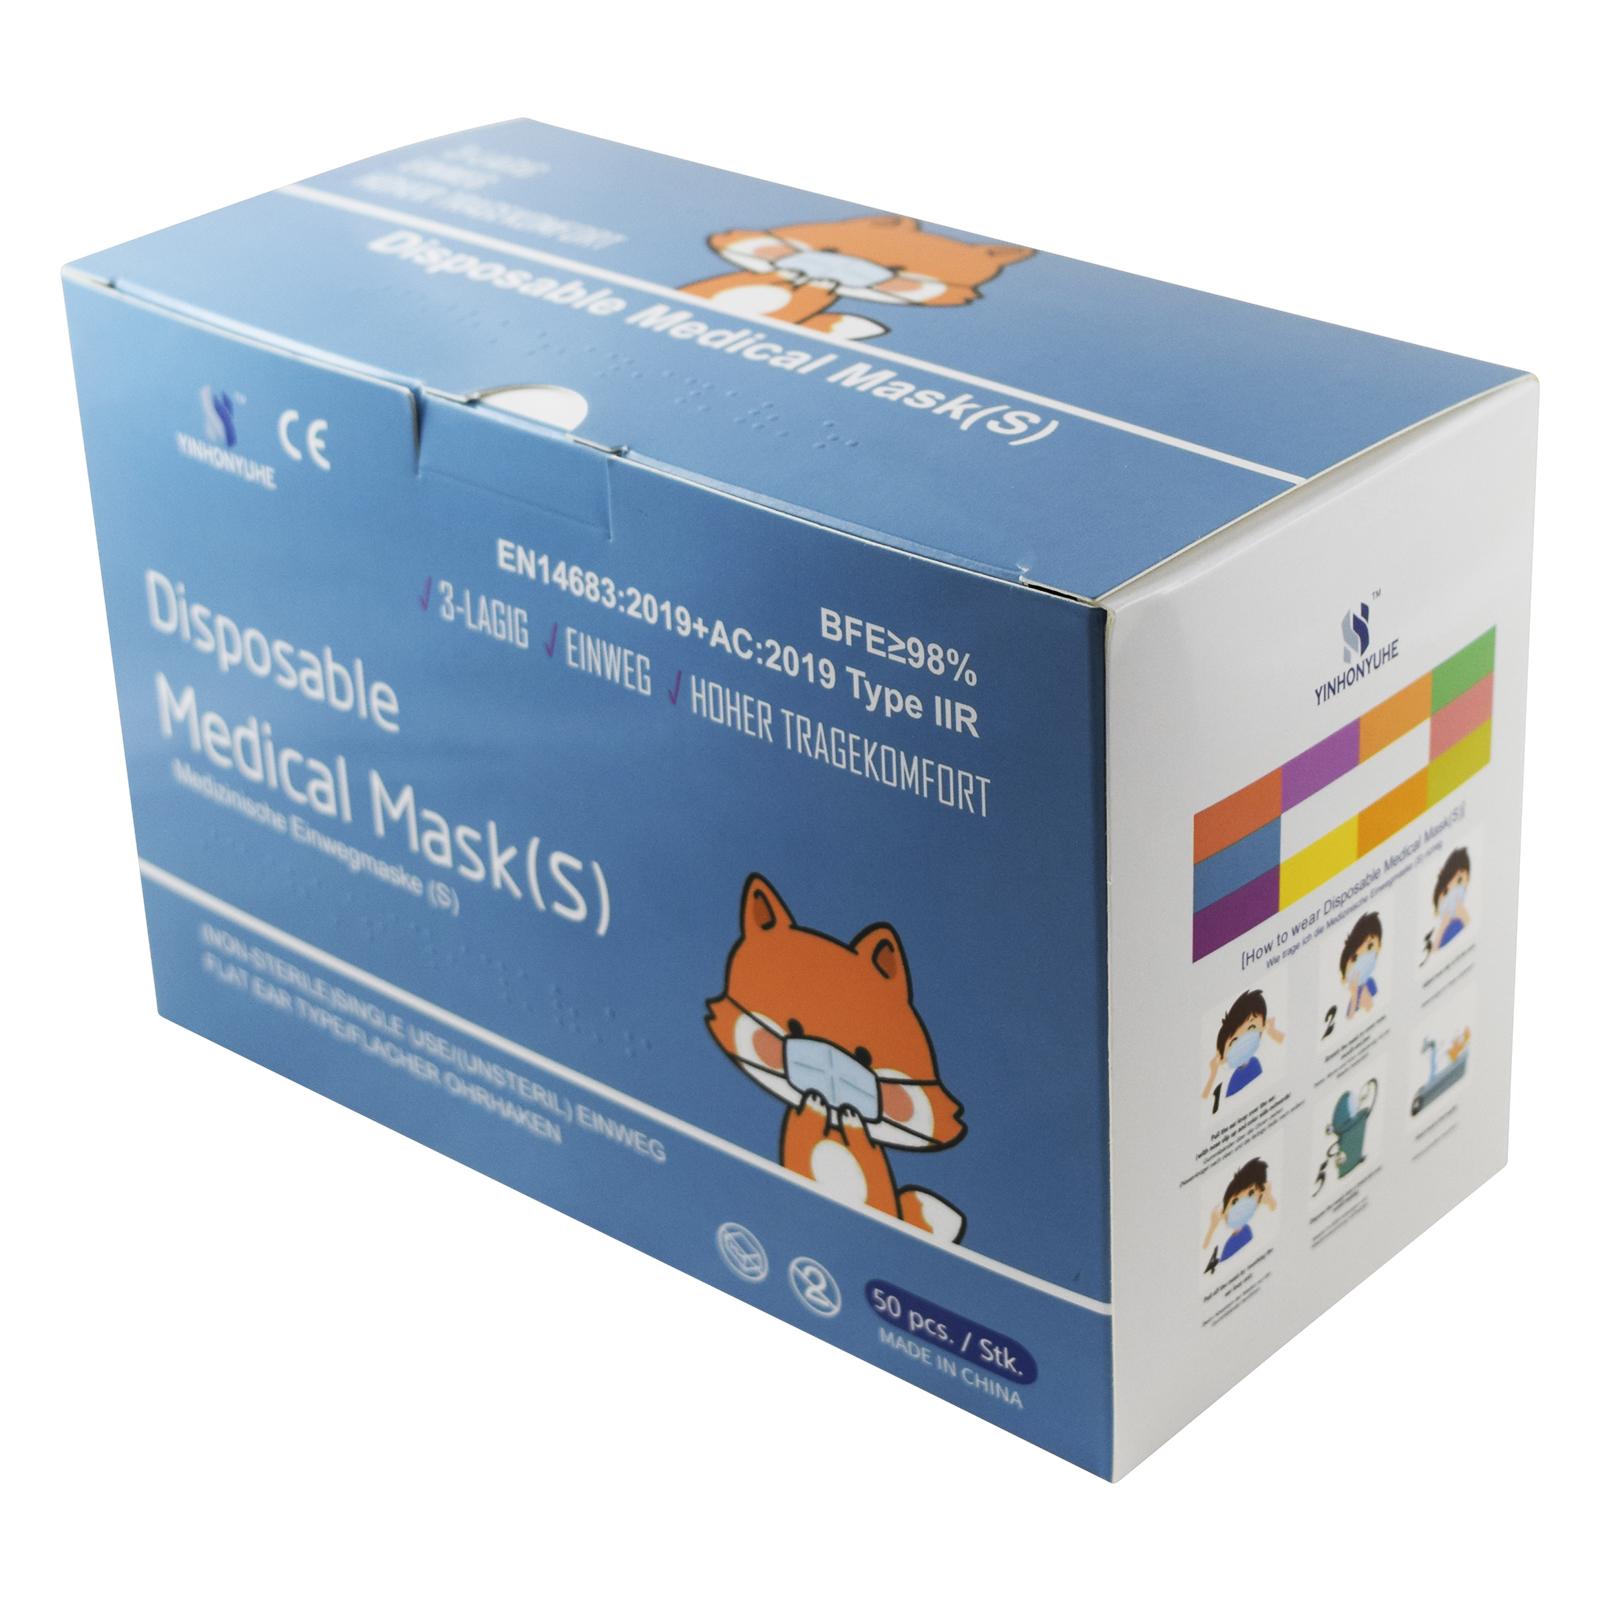 Indexbild 4 - 50 Kindermasken medizinisch oder Mund-Nasen-Bedeckung Mundschutz Einweg 3 Lagig